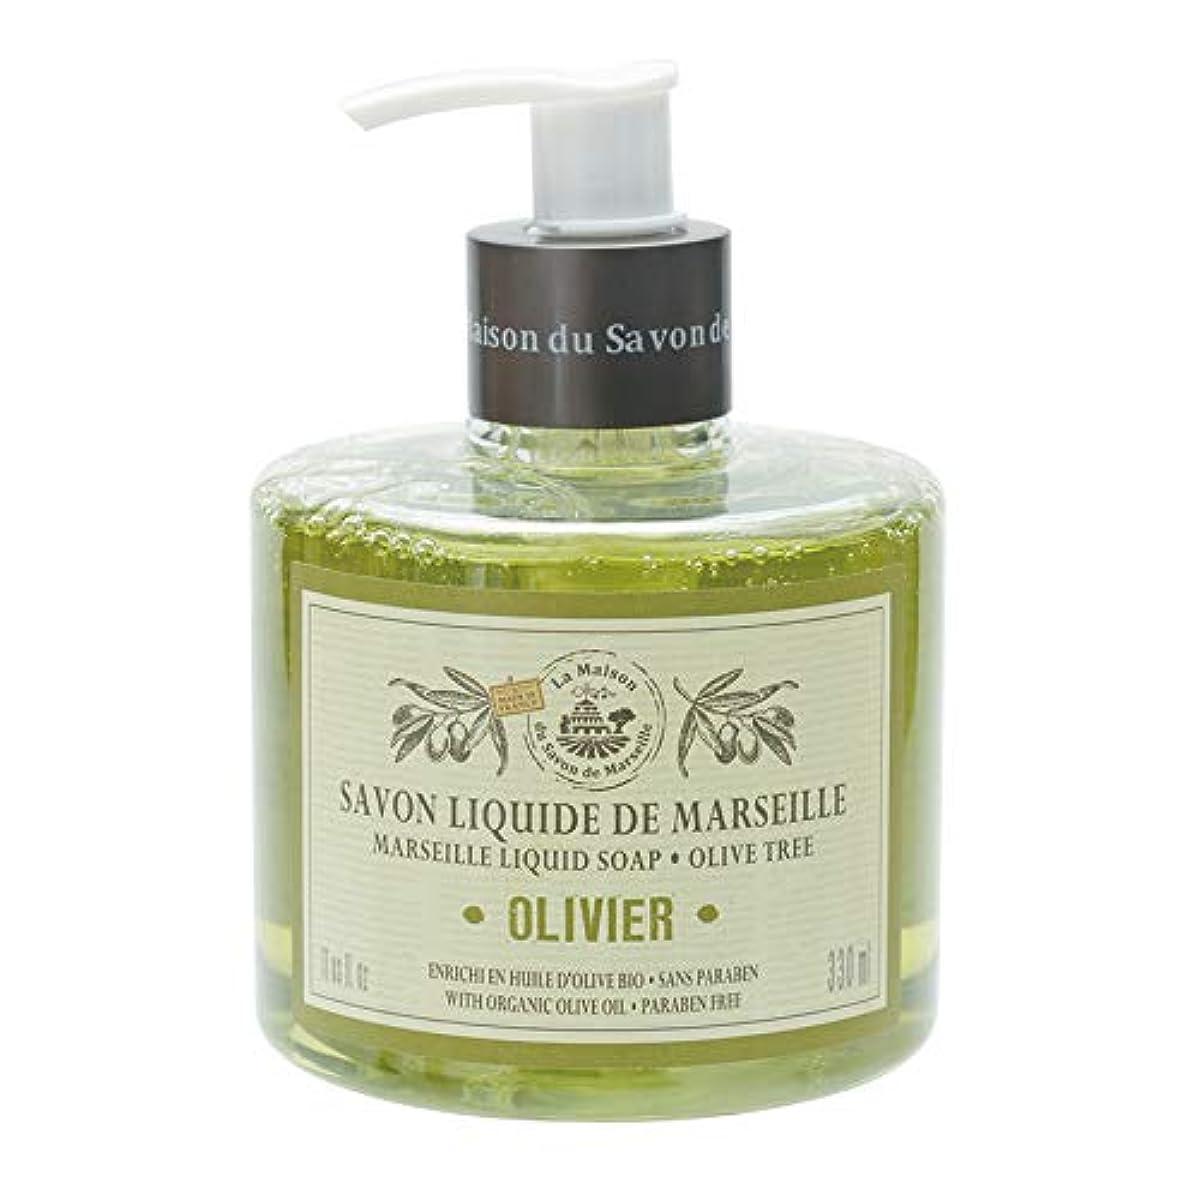 アーティキュレーション後者モーションノルコーポレーション マルセイユ石鹸 リキッドソープ 330ml オリーブの香り MLL-1-4